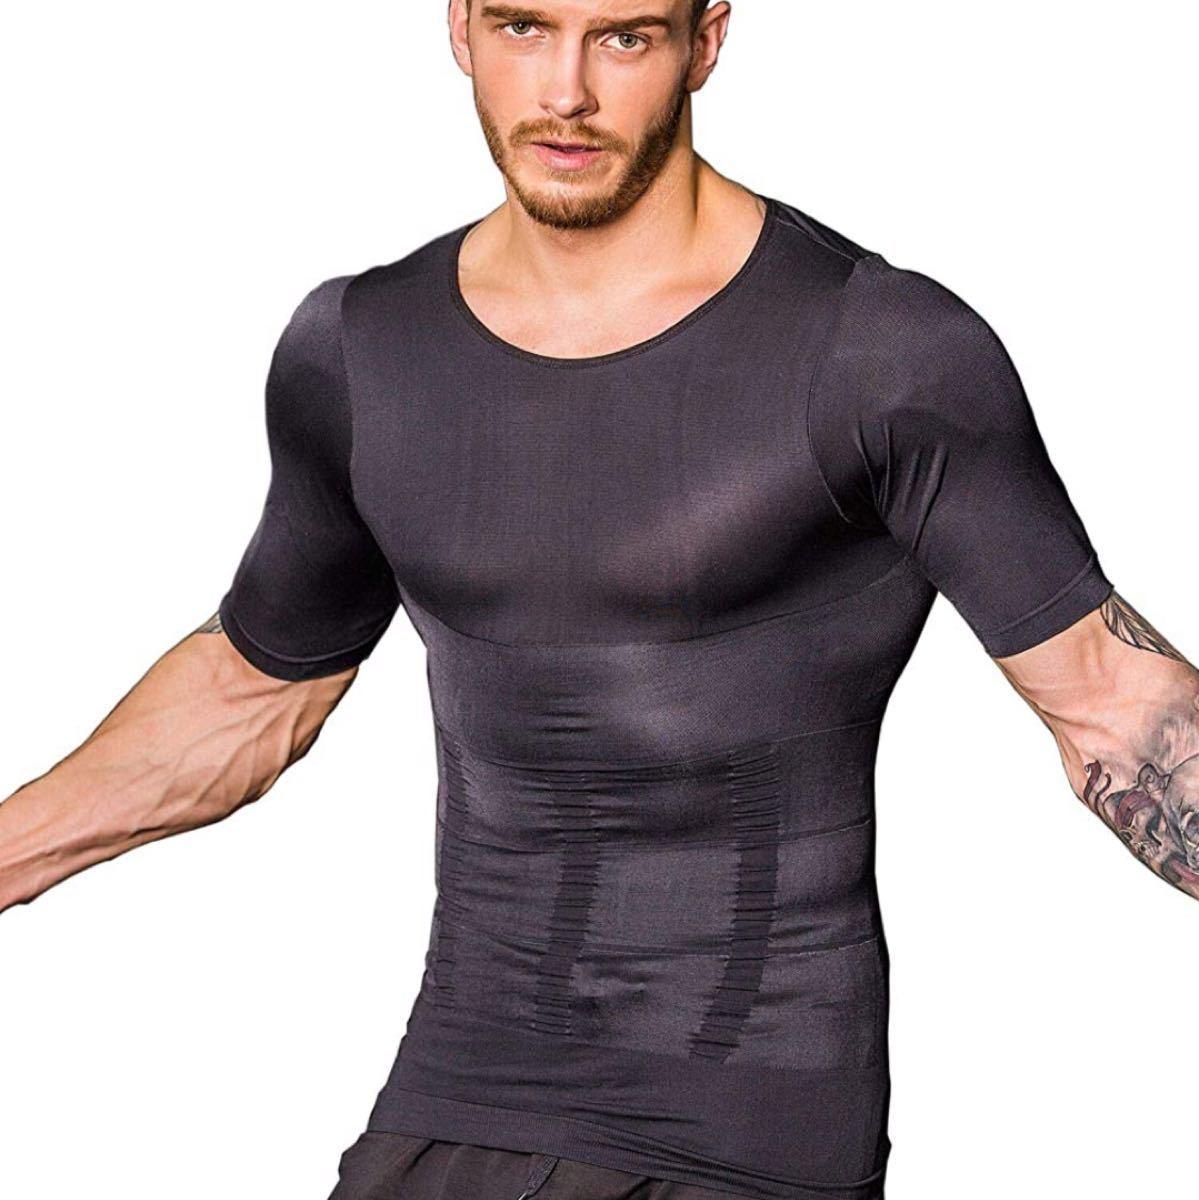 メンズ コンプレッションウェア 加圧シャツ 加圧インナー 通気防臭 スポーツウェア